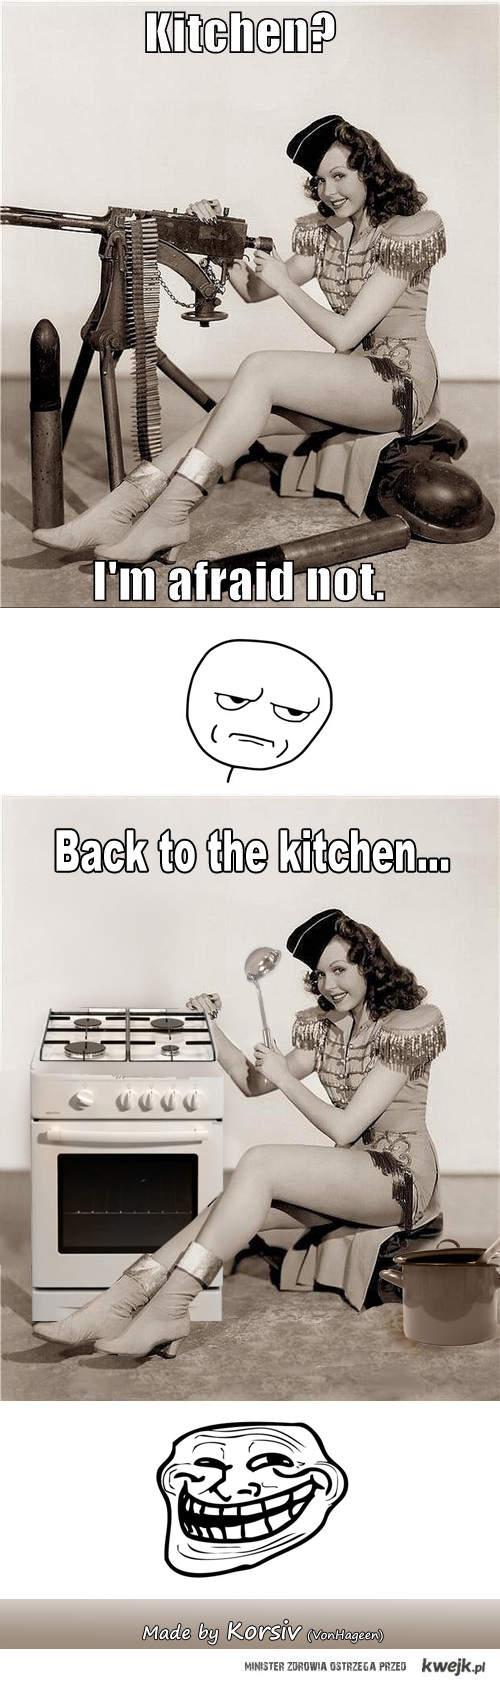 Powrót do kuchni